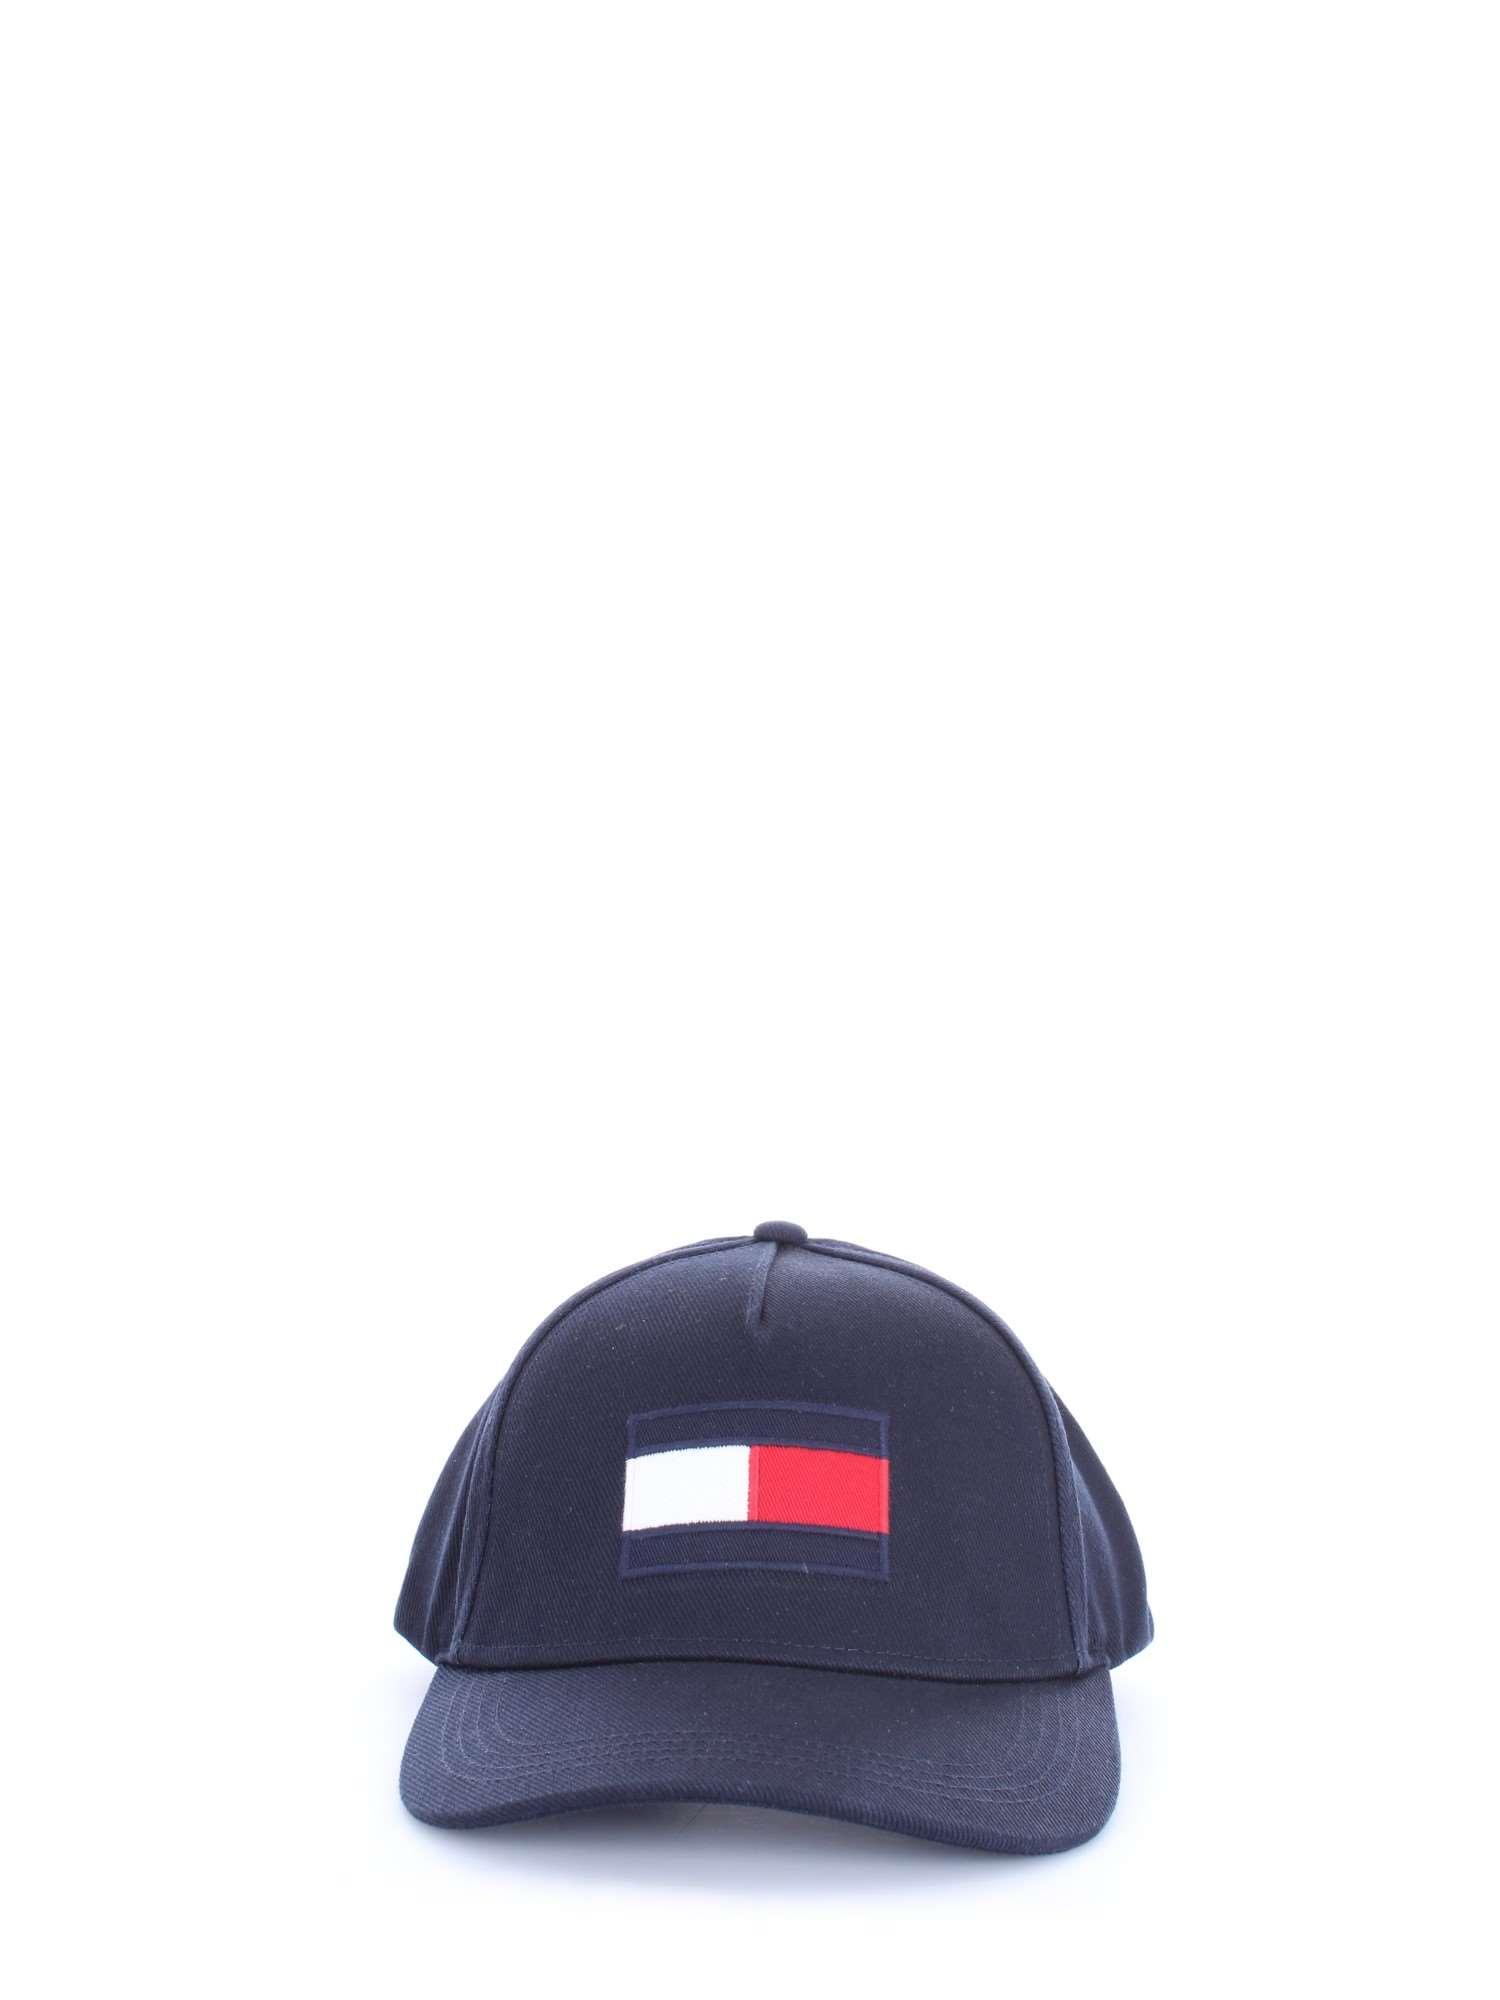 TOMMY HILFIGER AM0AM04299 Blue-413 Hat Men Spring Summer  56afc20e688